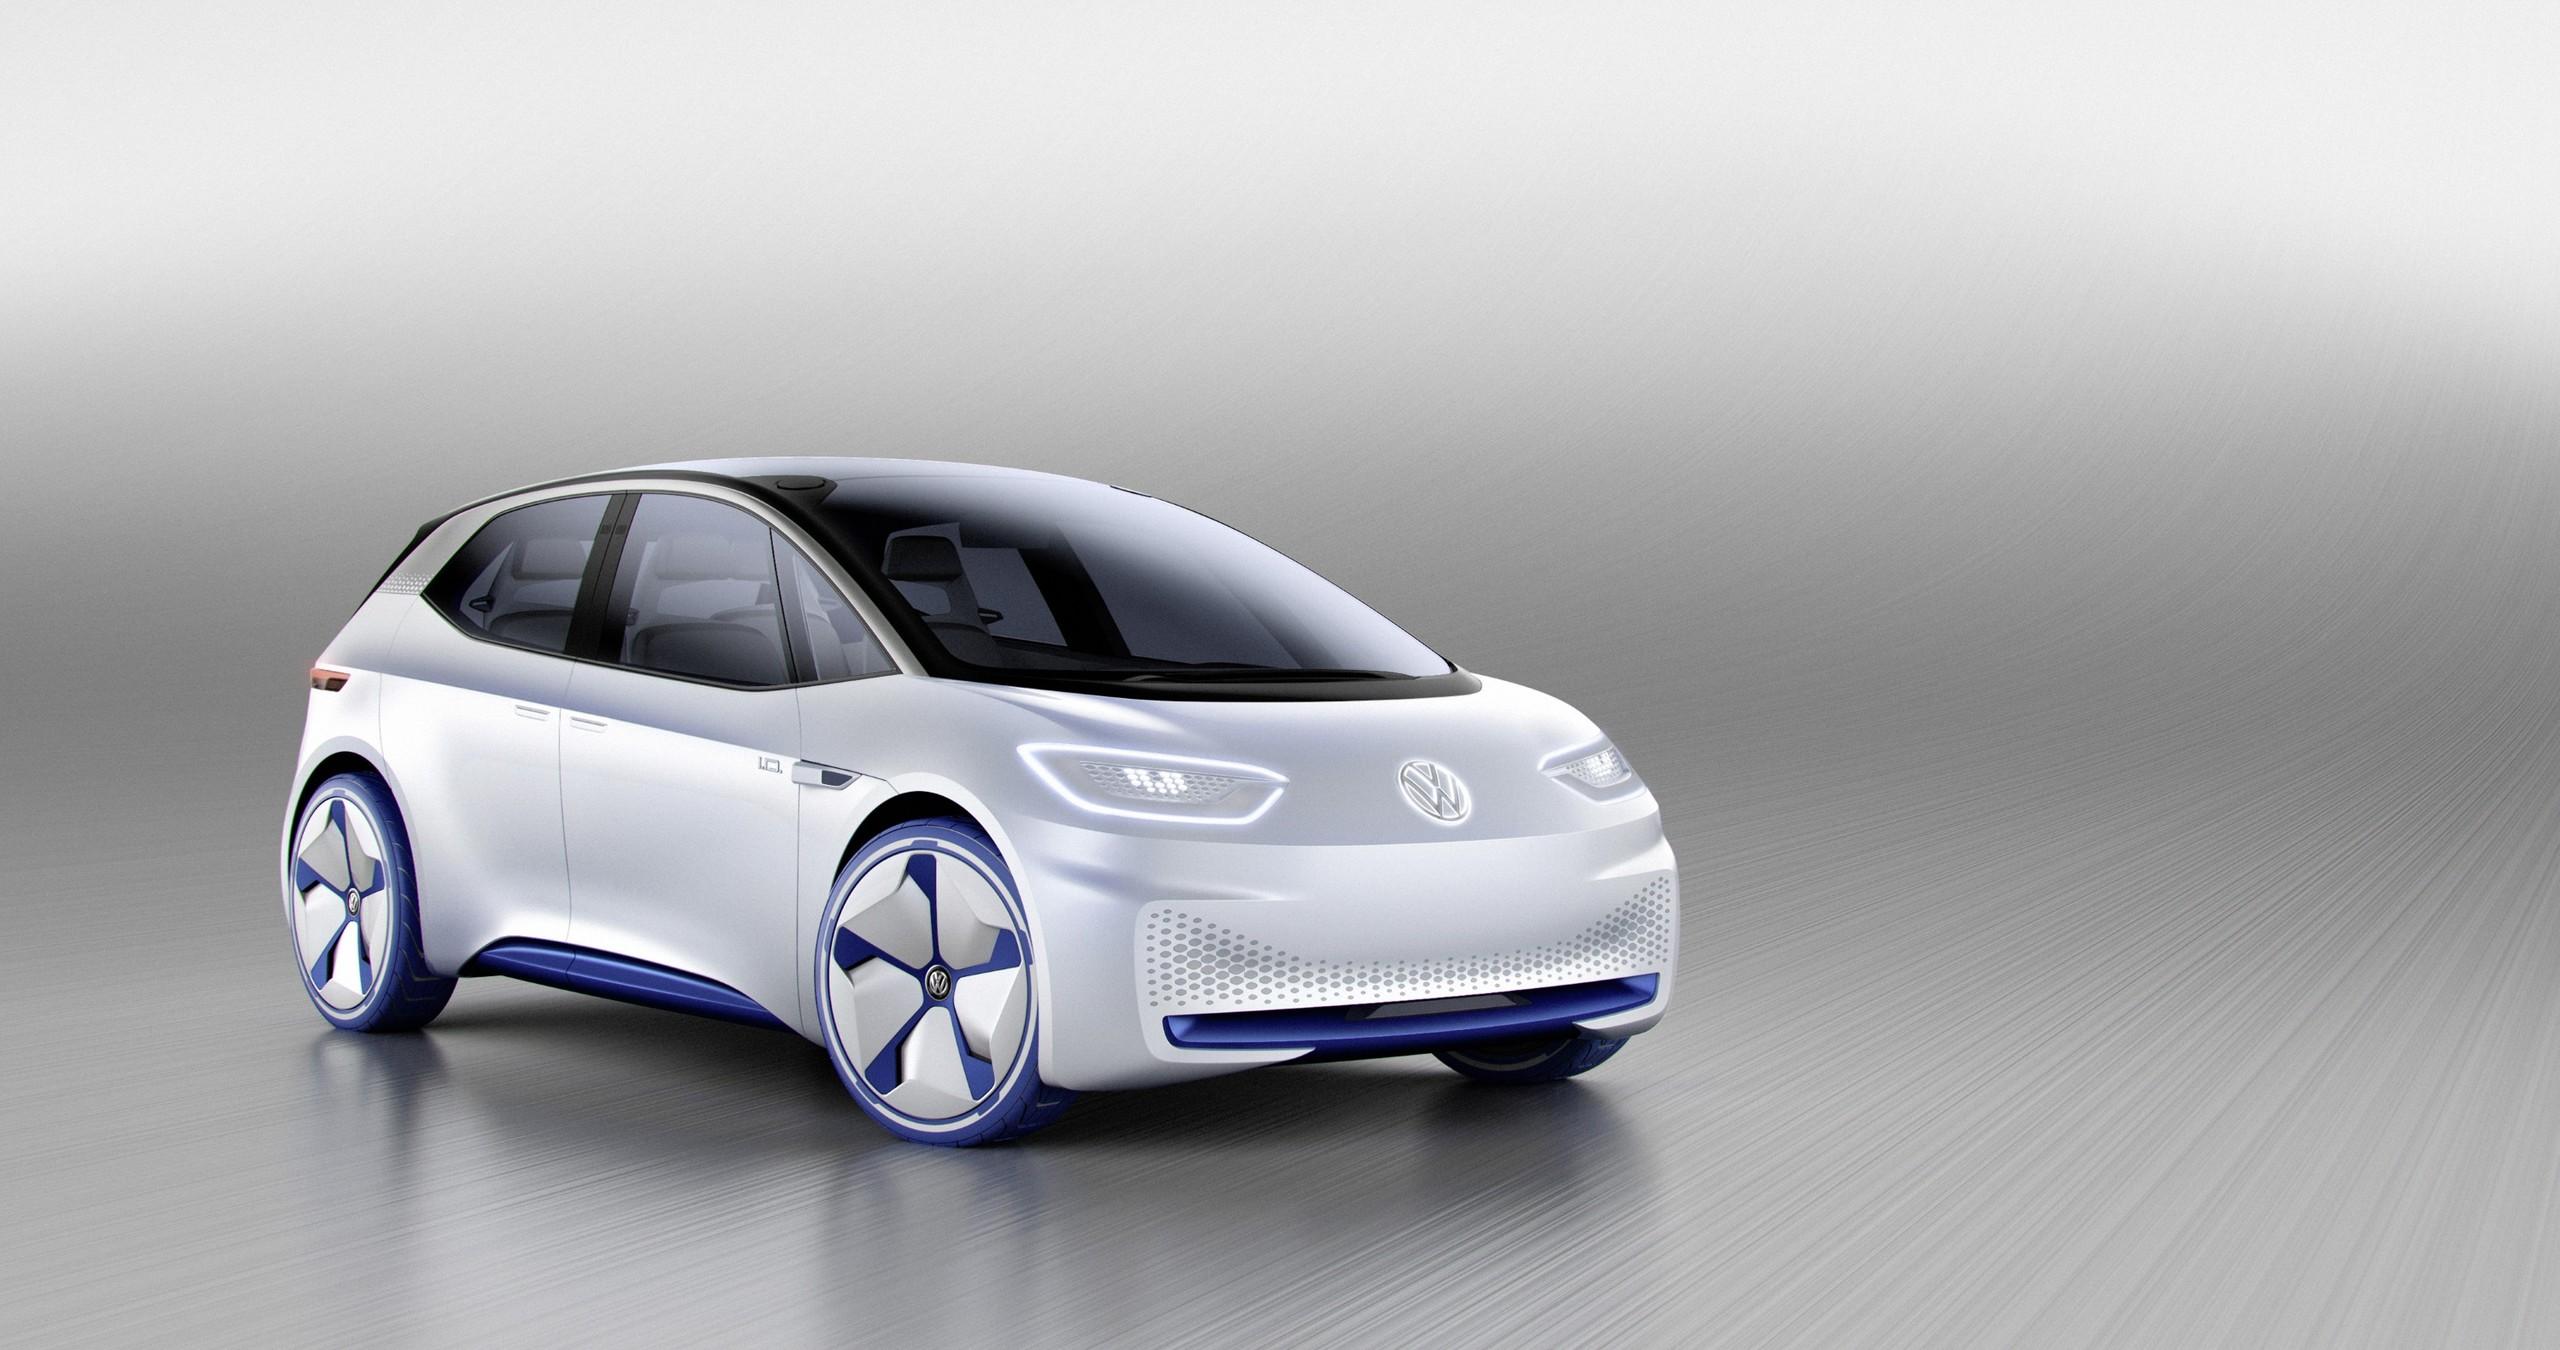 """Modellstudie """"VW I.D."""": Bereits im Jahr 2016 hat Volkswagen einen neuen Kompakt-Stromer angekündigt. Seine Markteinführung soll auch das Ende der Produktion des e-Golf markieren."""